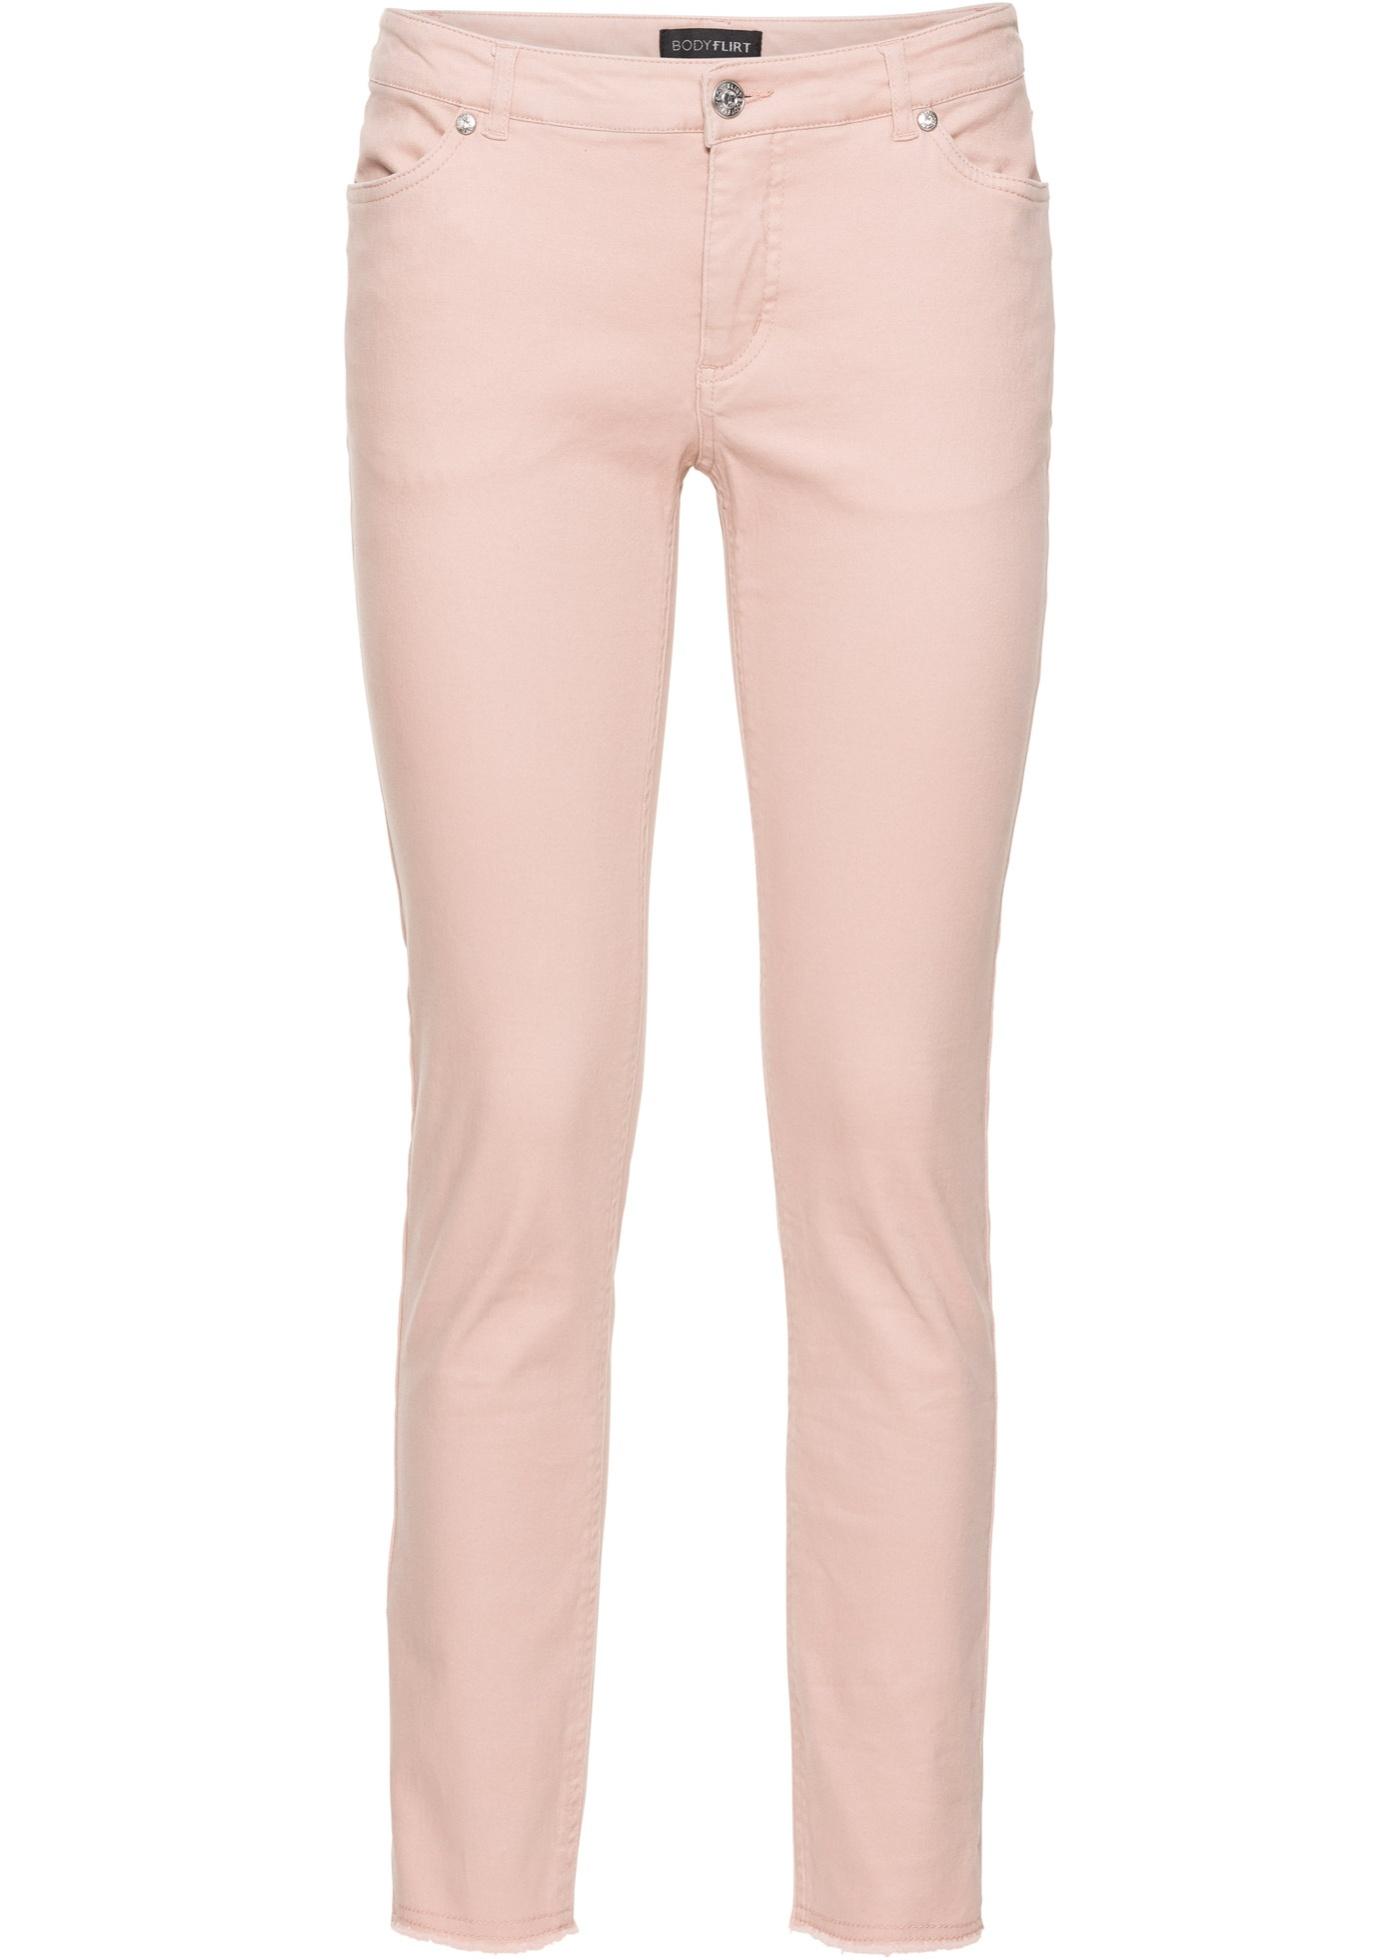 BODYFLIRT 7 8-Stretchhose mit Fransen in rosa für Damen von bonprix ... 850264cee8